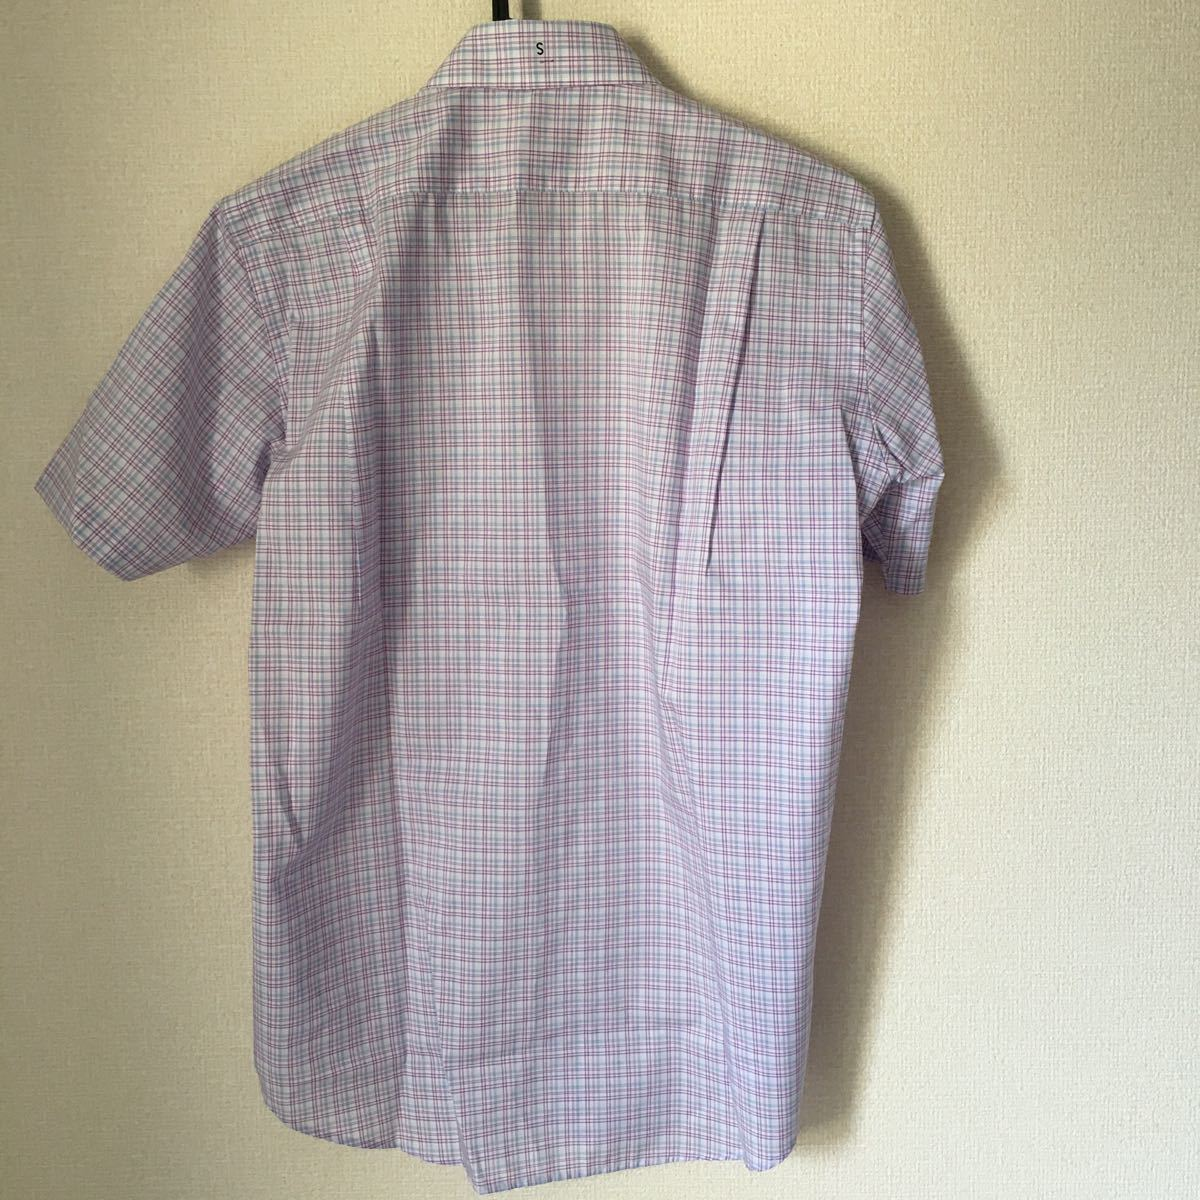 半袖シャツ ボタンダウンシャツ チェック柄 ユニクロ UNIQLO 新品 S